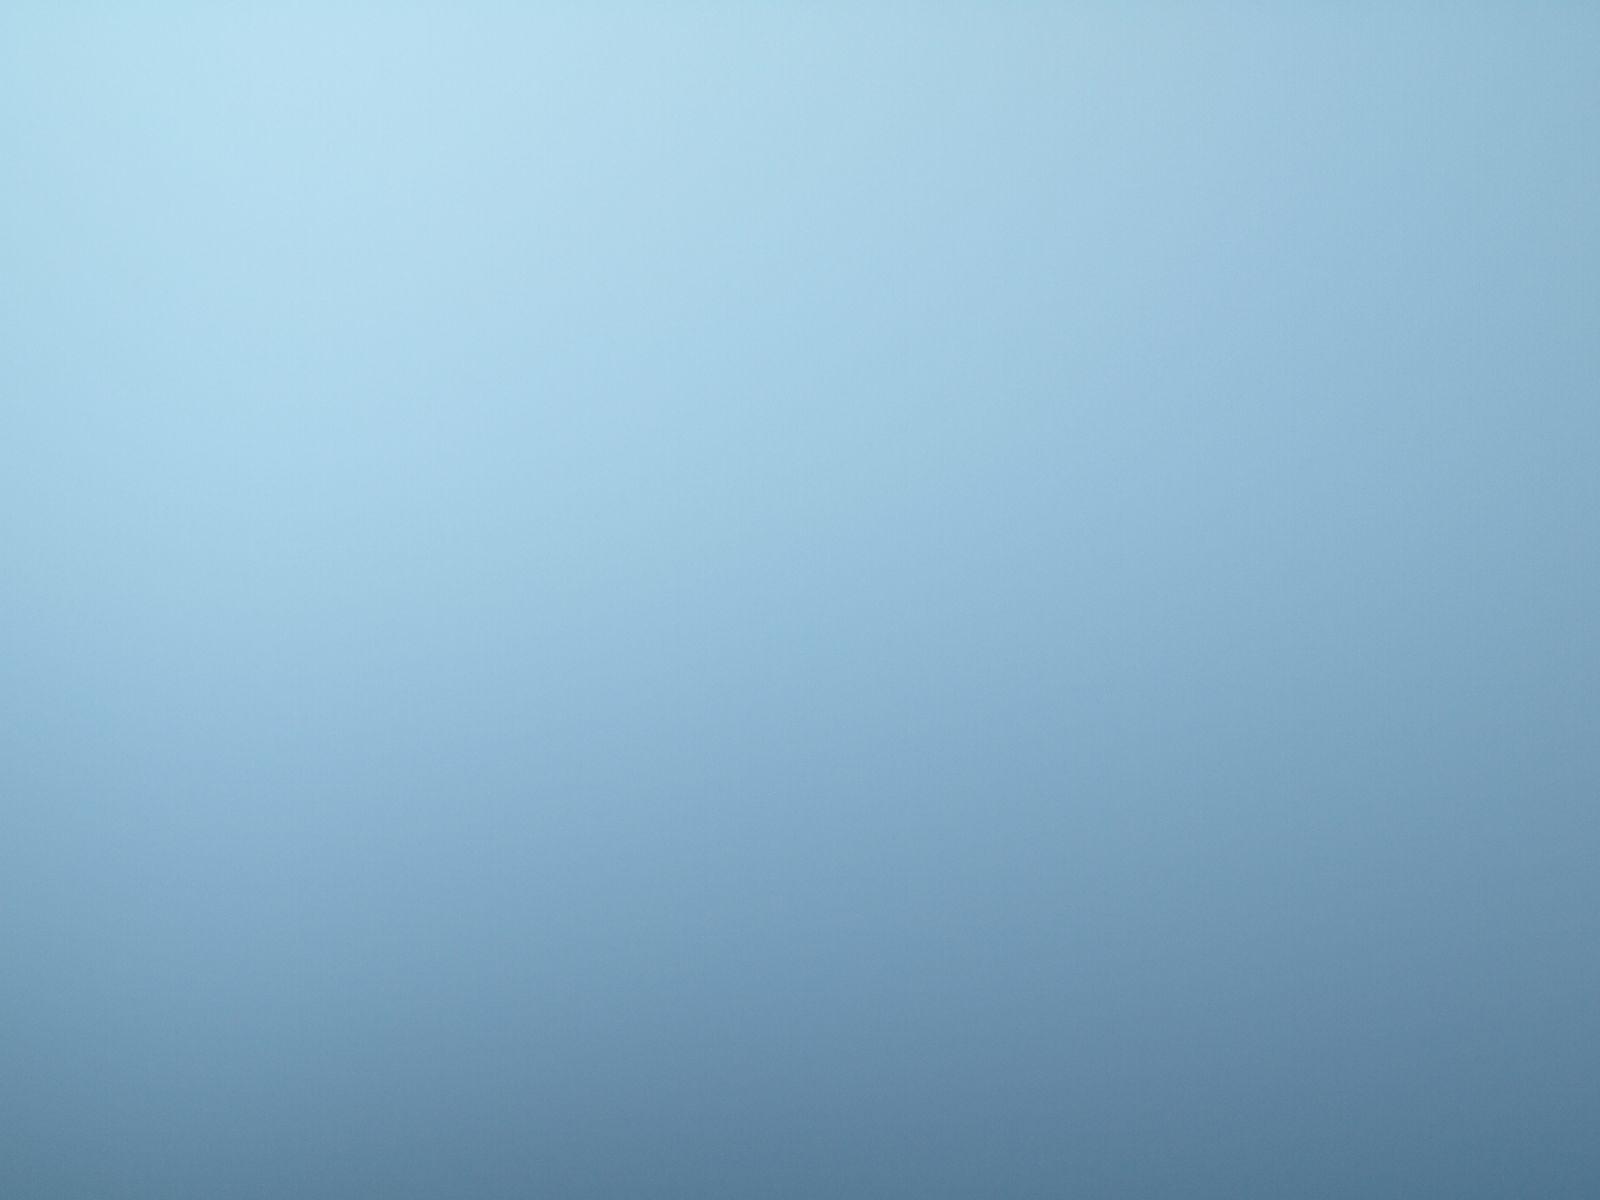 Himmel-Wolken-Foto_Textur_A_P9205244